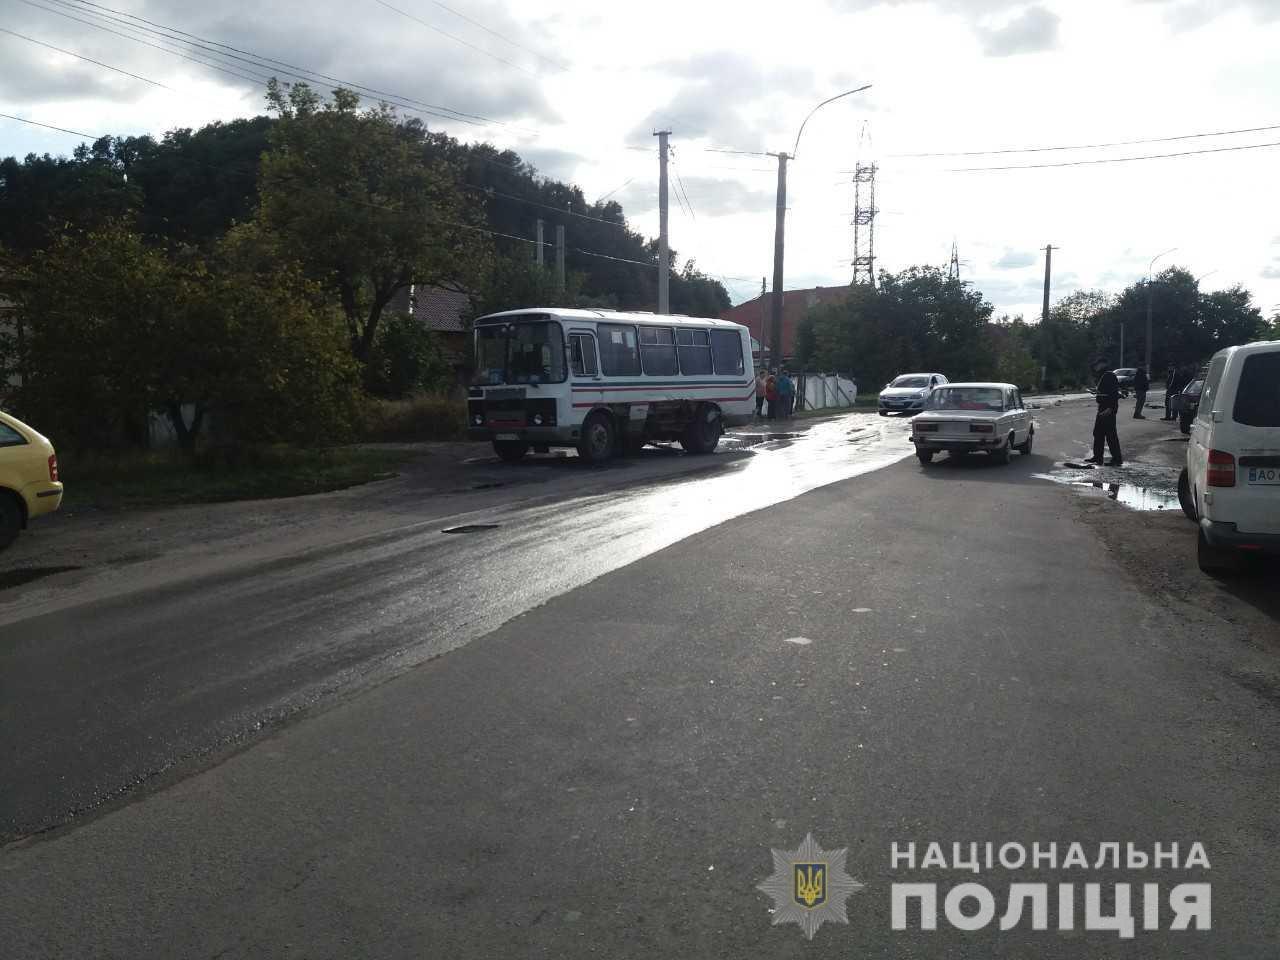 ДТП з постраждалими: Офіційні подробиці зіткнення ВАЗ та рейсового автобусу на Мукачівщині (ФОТО), фото-2